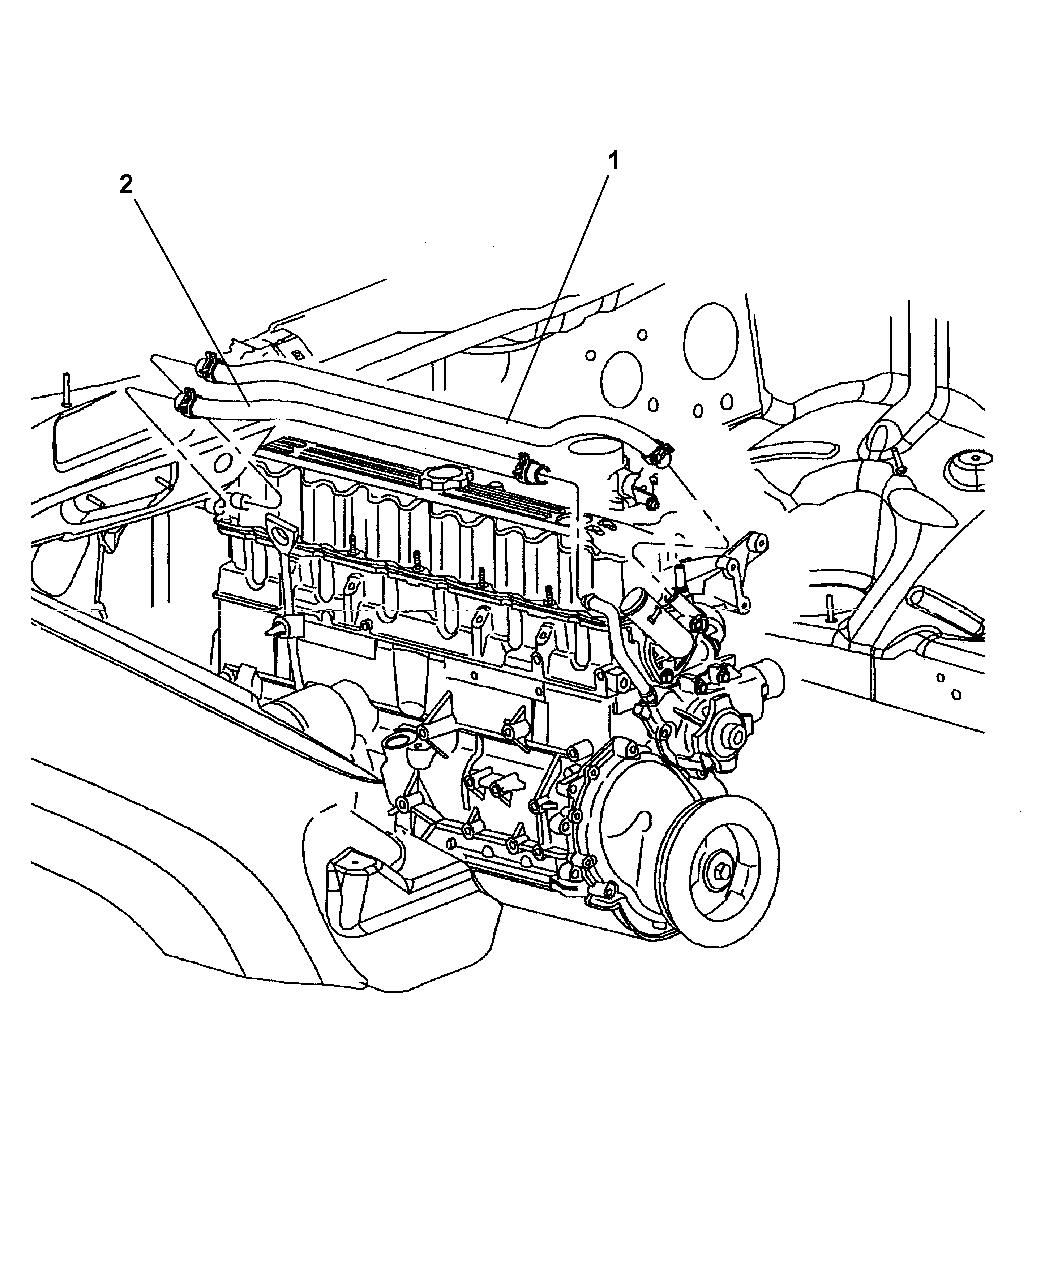 2000 jeep cherokee parts catalog